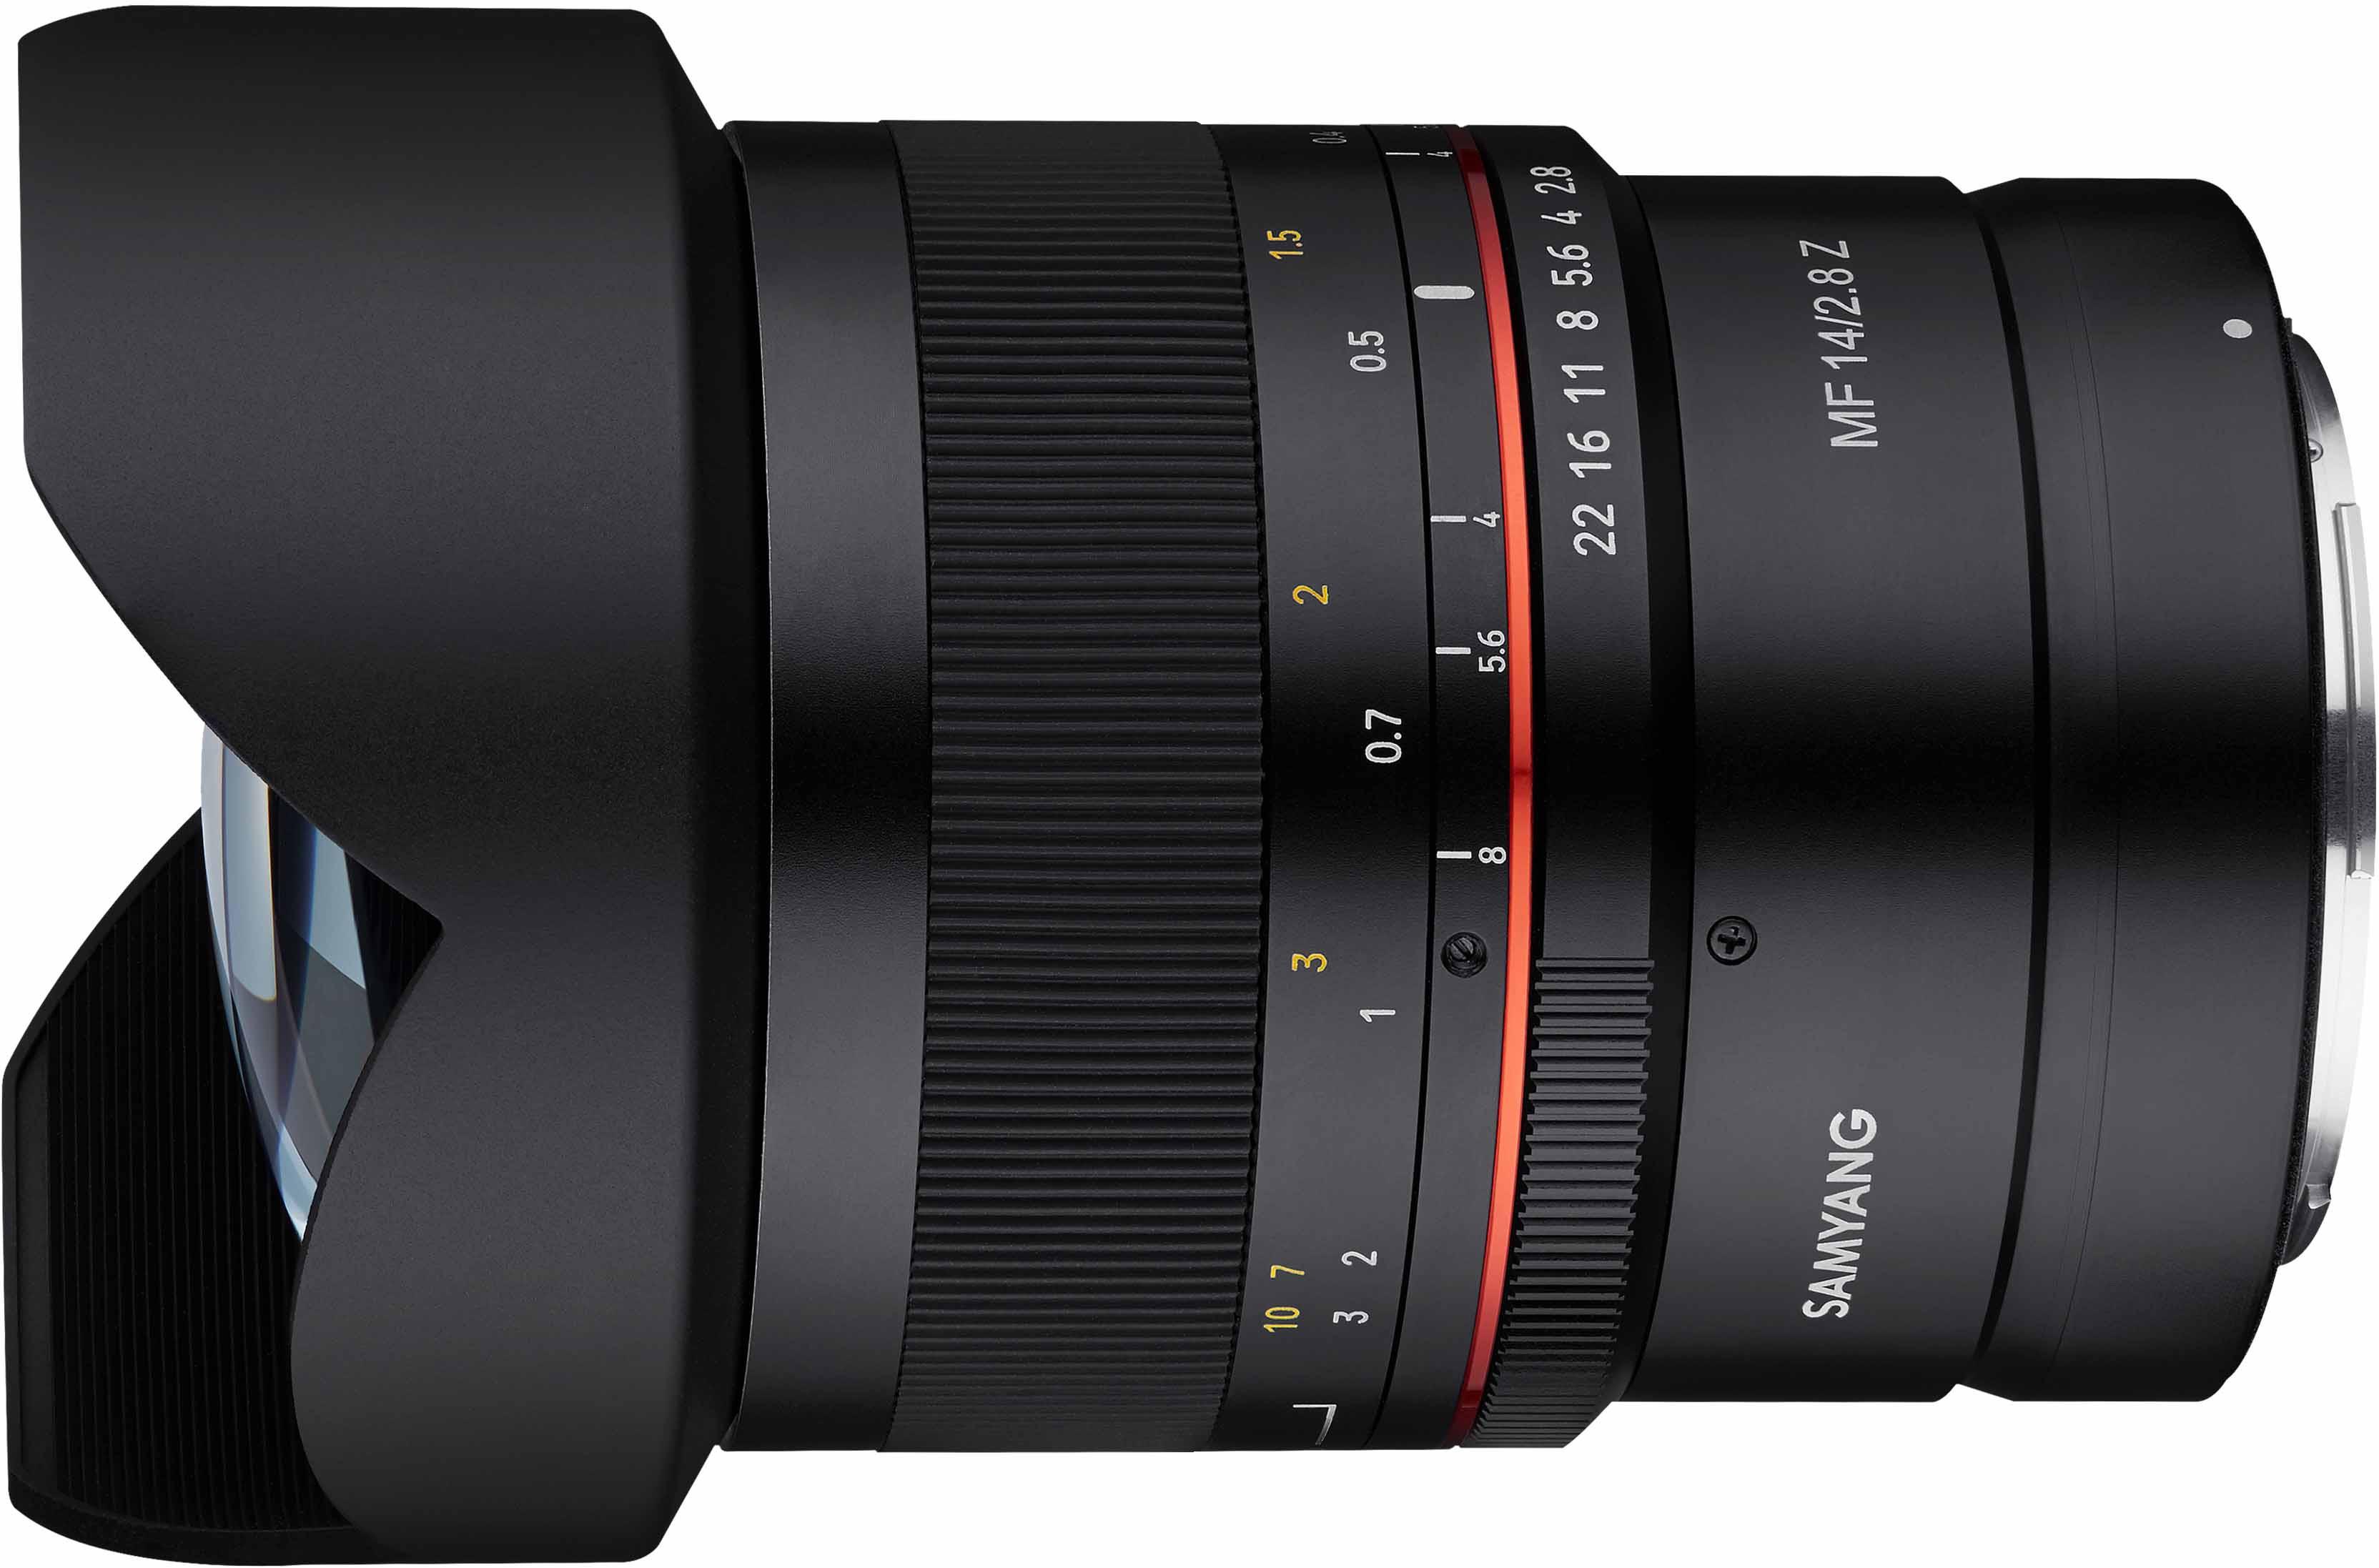 Samyang MF 14mm f/2.8 Z objektiiv Nikonile